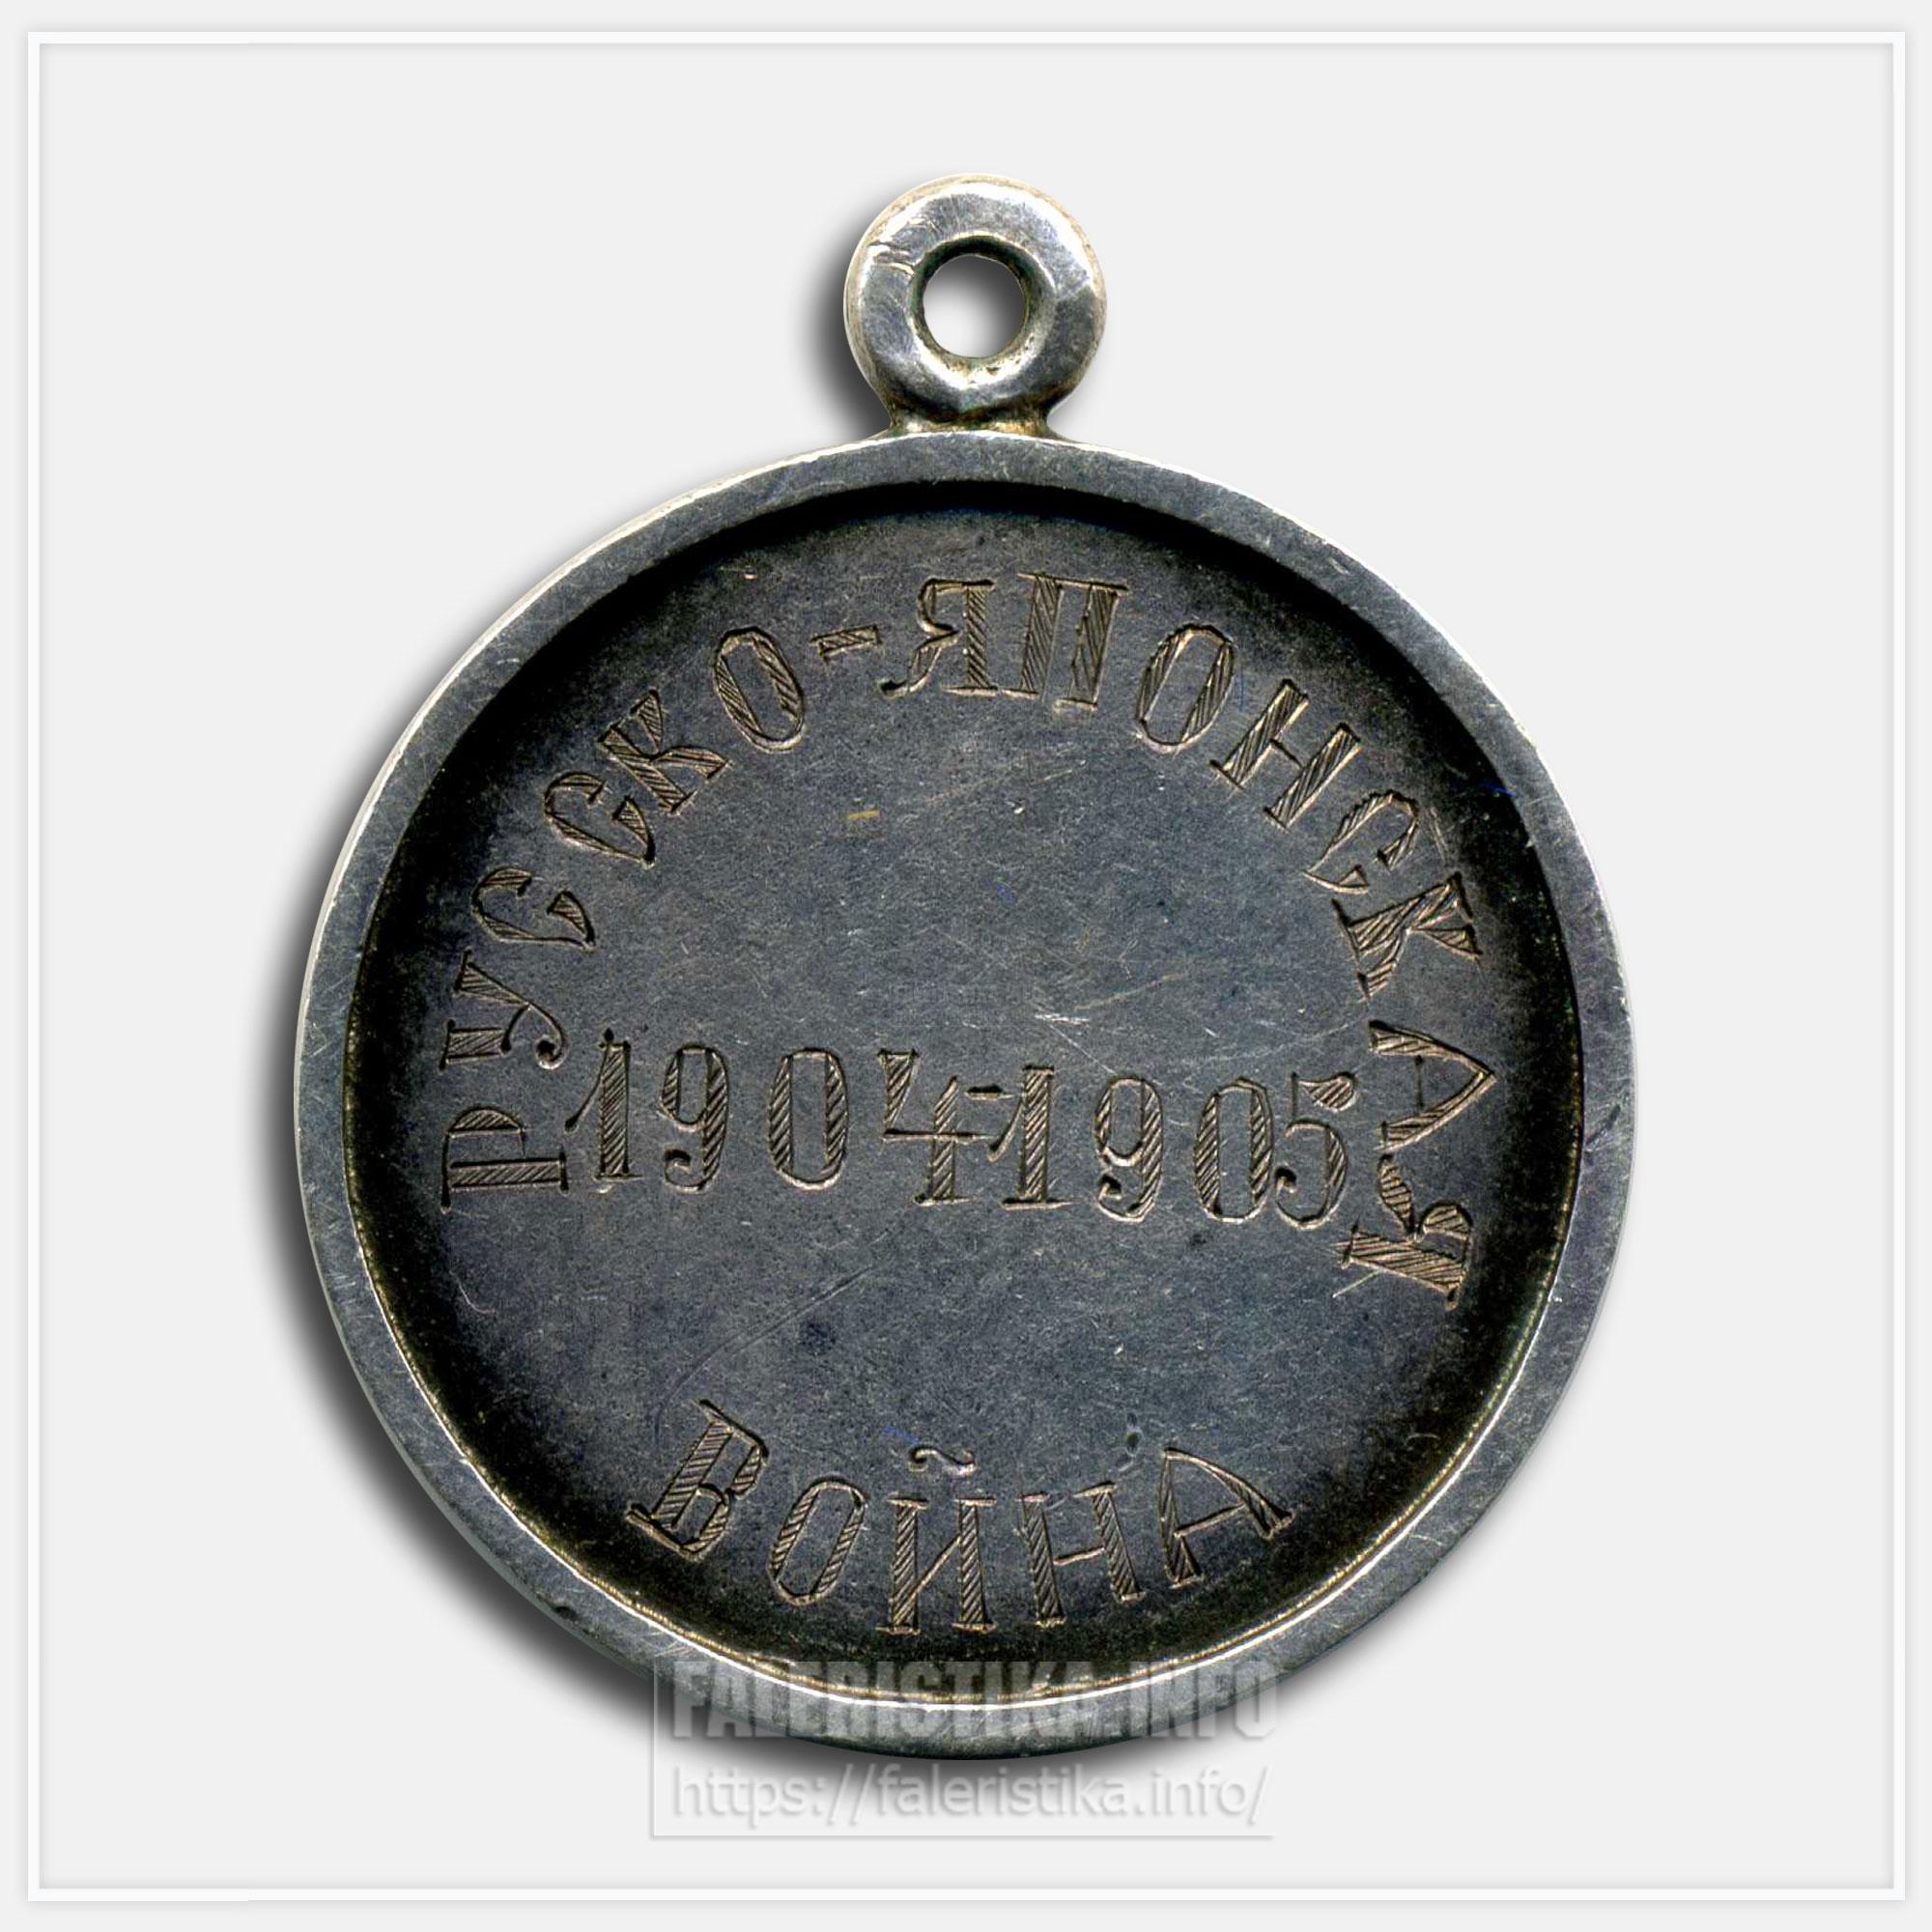 """Медаль """"Русско-японская война 1904-1905. Красный крест"""" Диаметр 24 мм"""